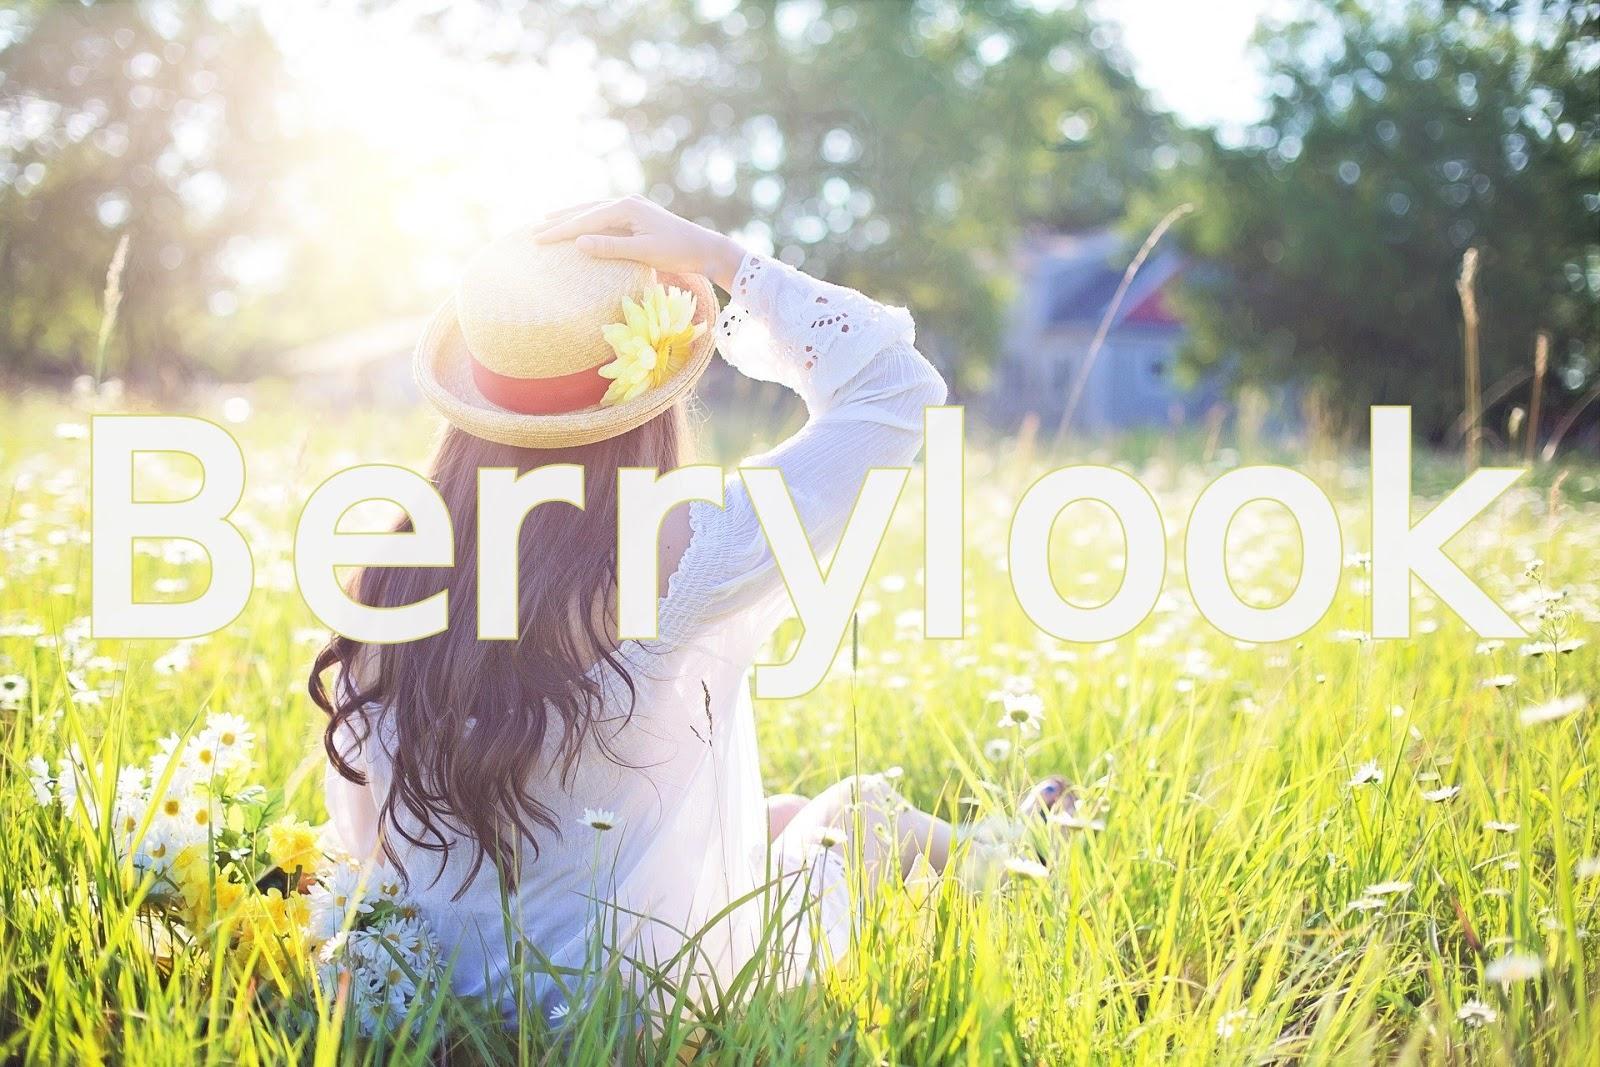 Przygotuj sięna wiosnę z Berrylook! - Przegląd nowości